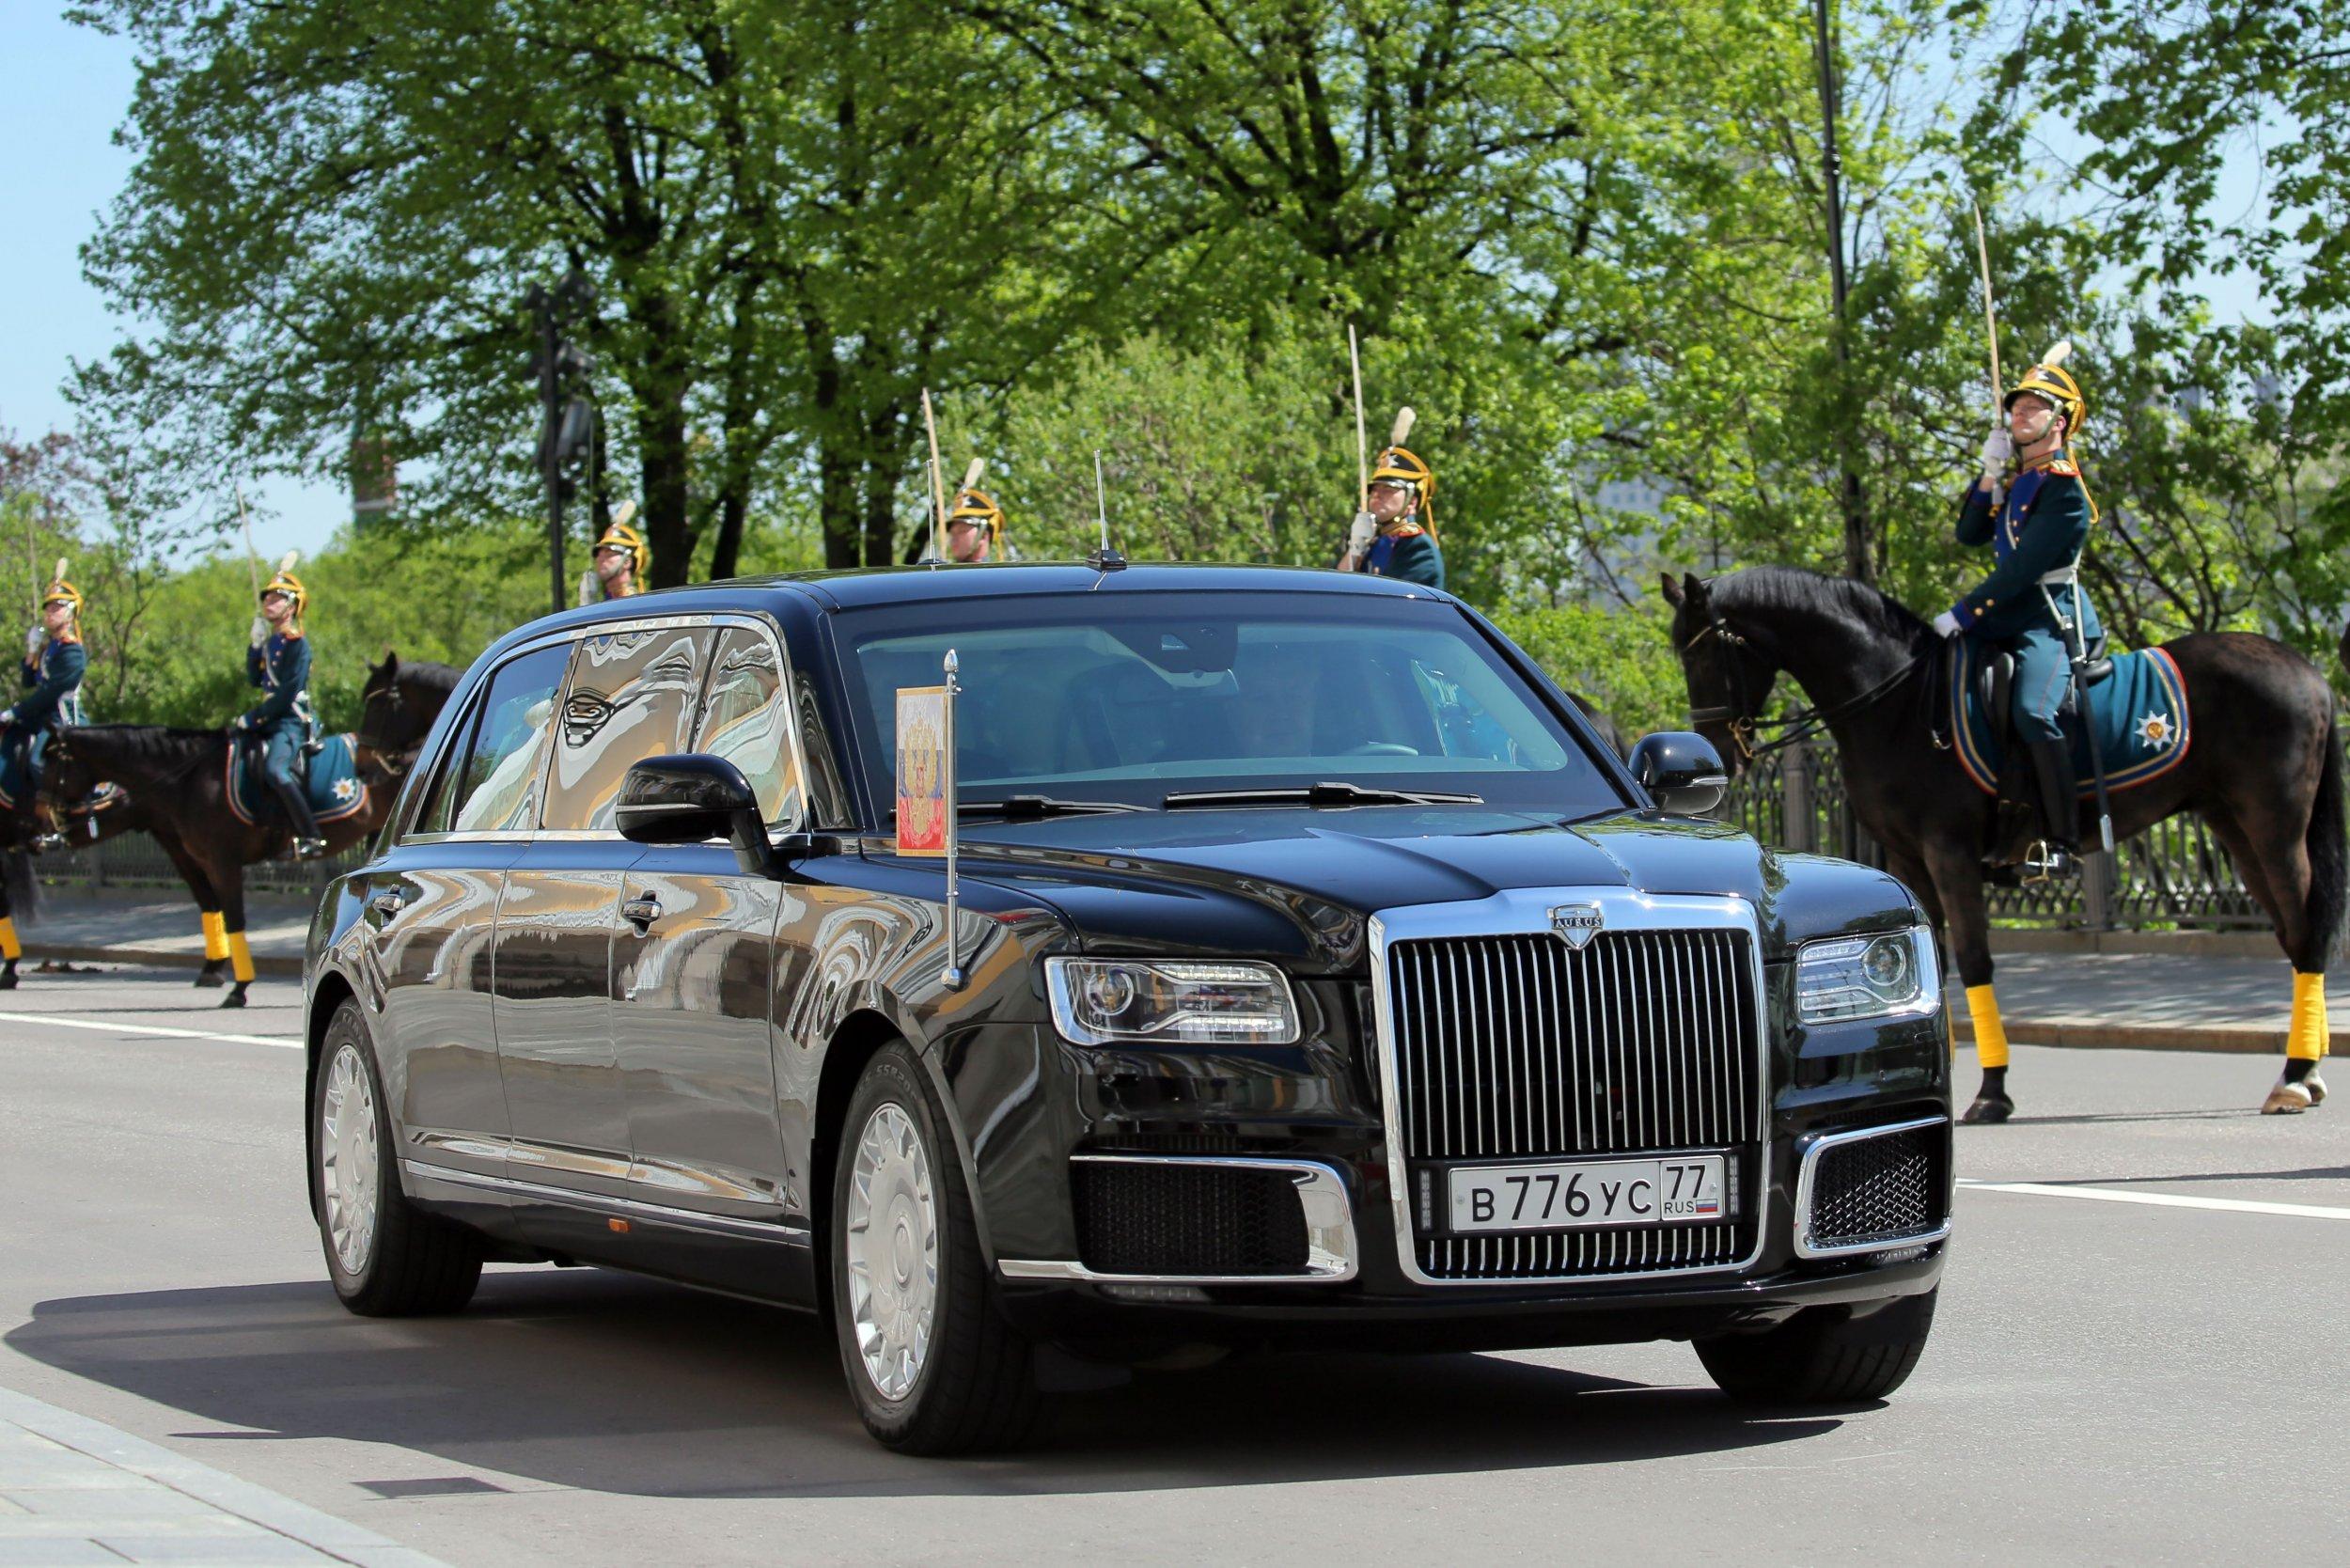 05_08_Putin_limo